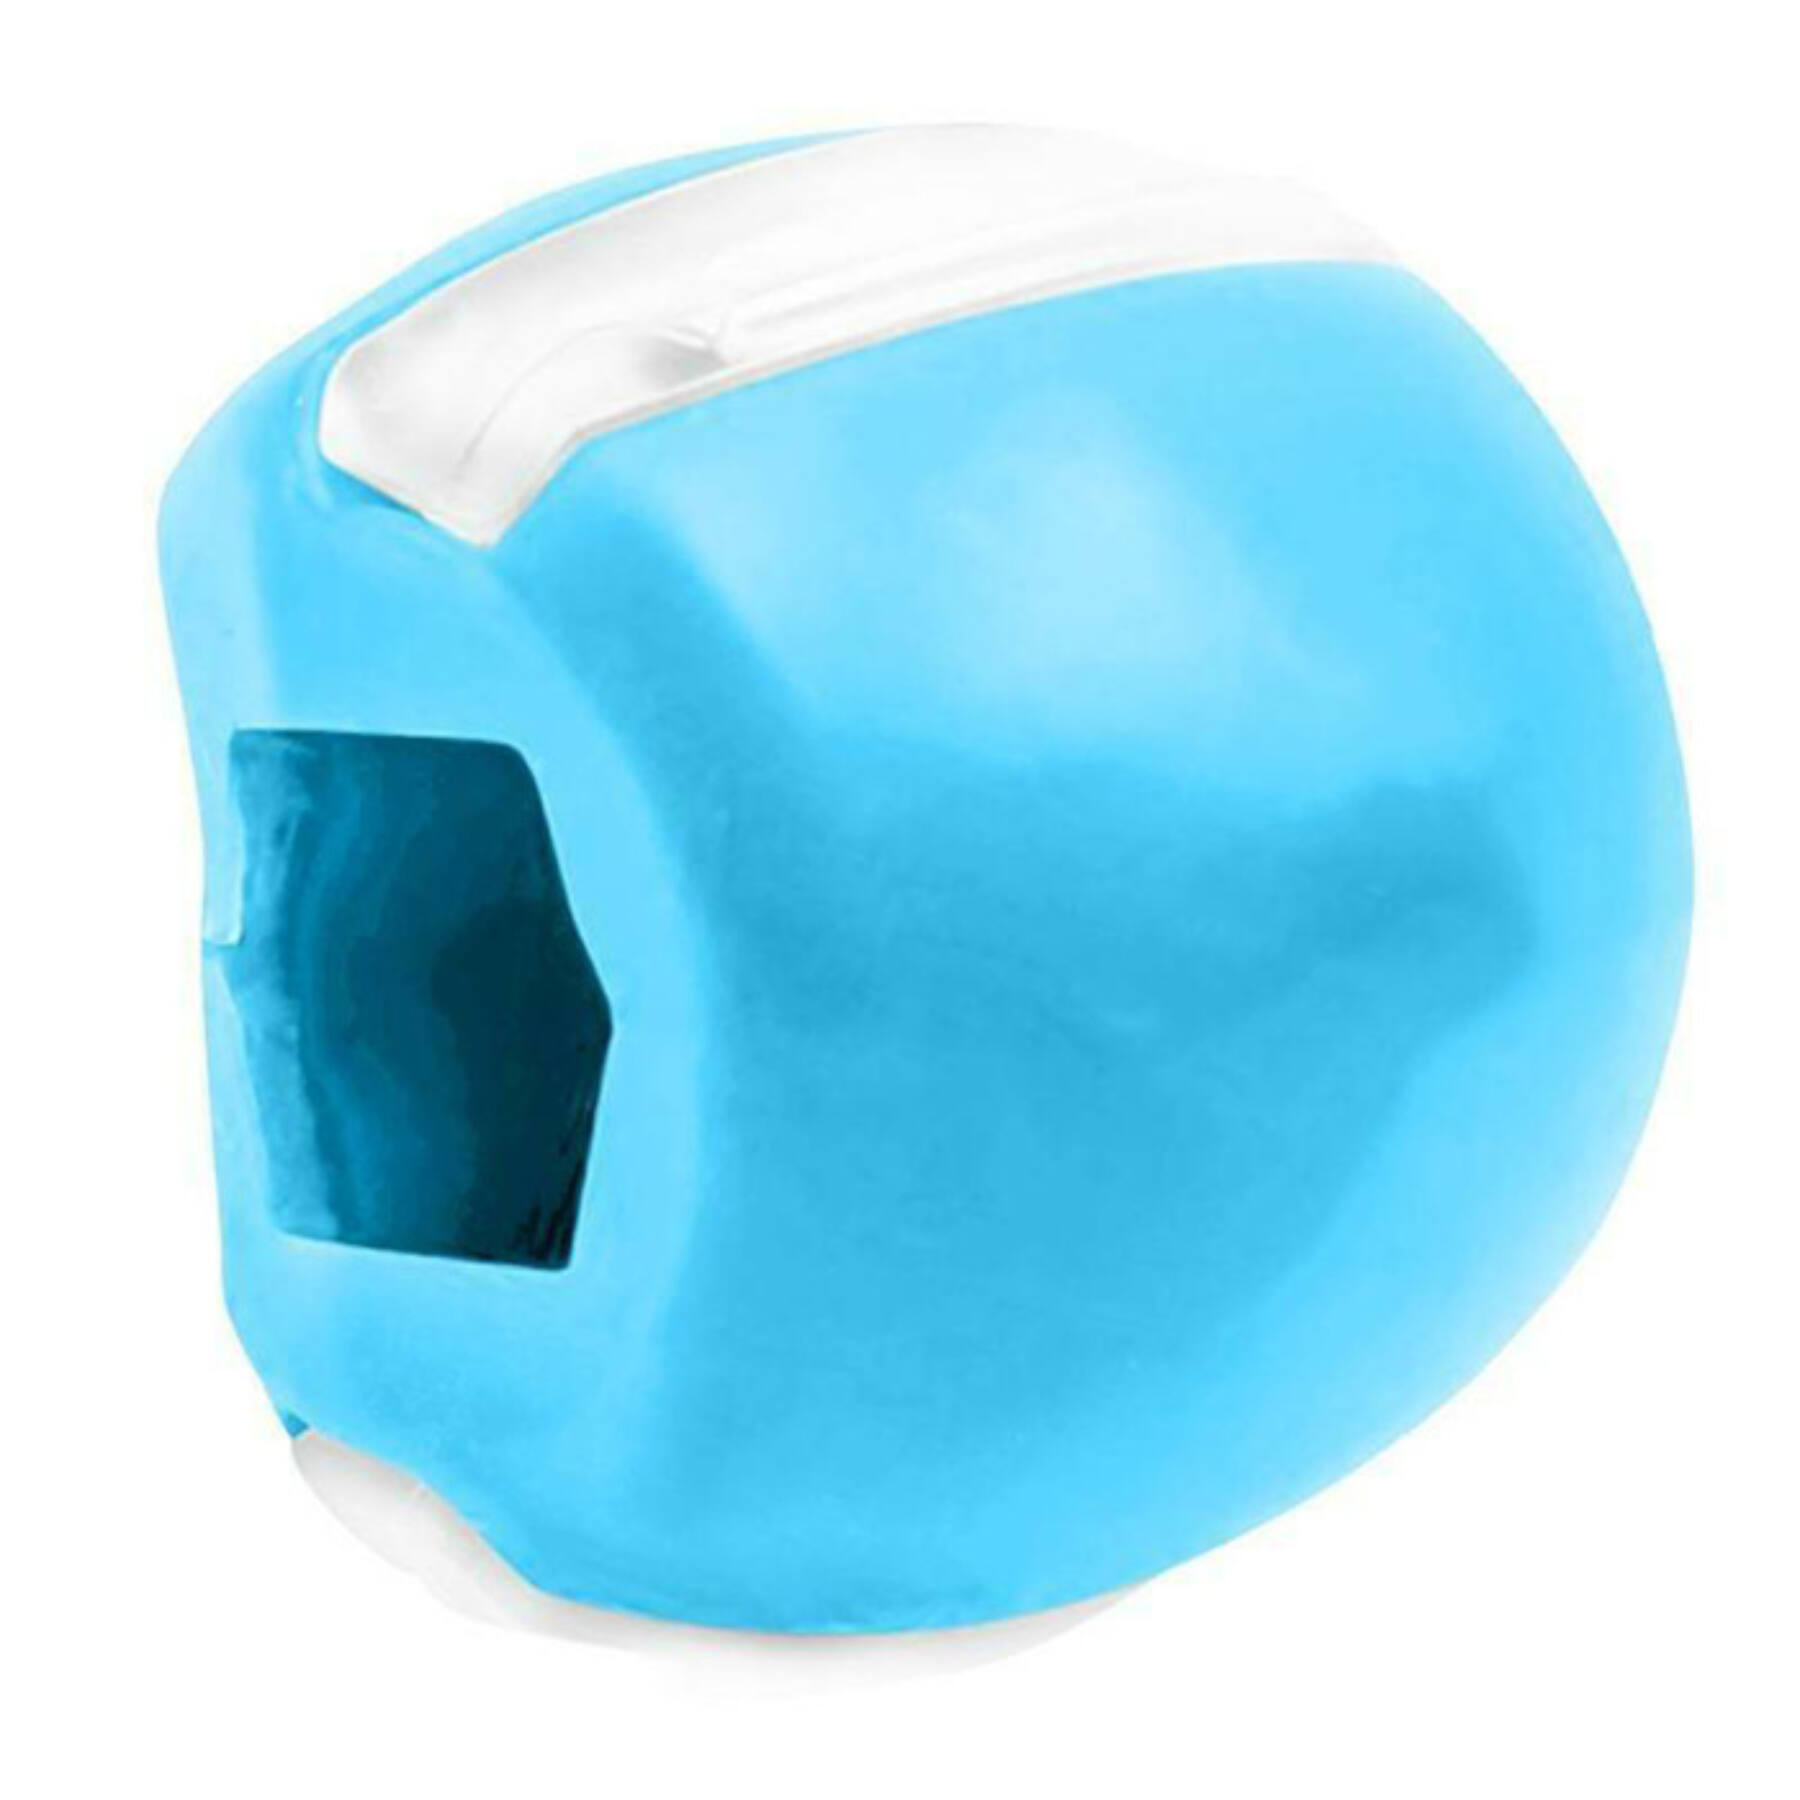 ARCIZOMEDZŐ LABDA kék színű